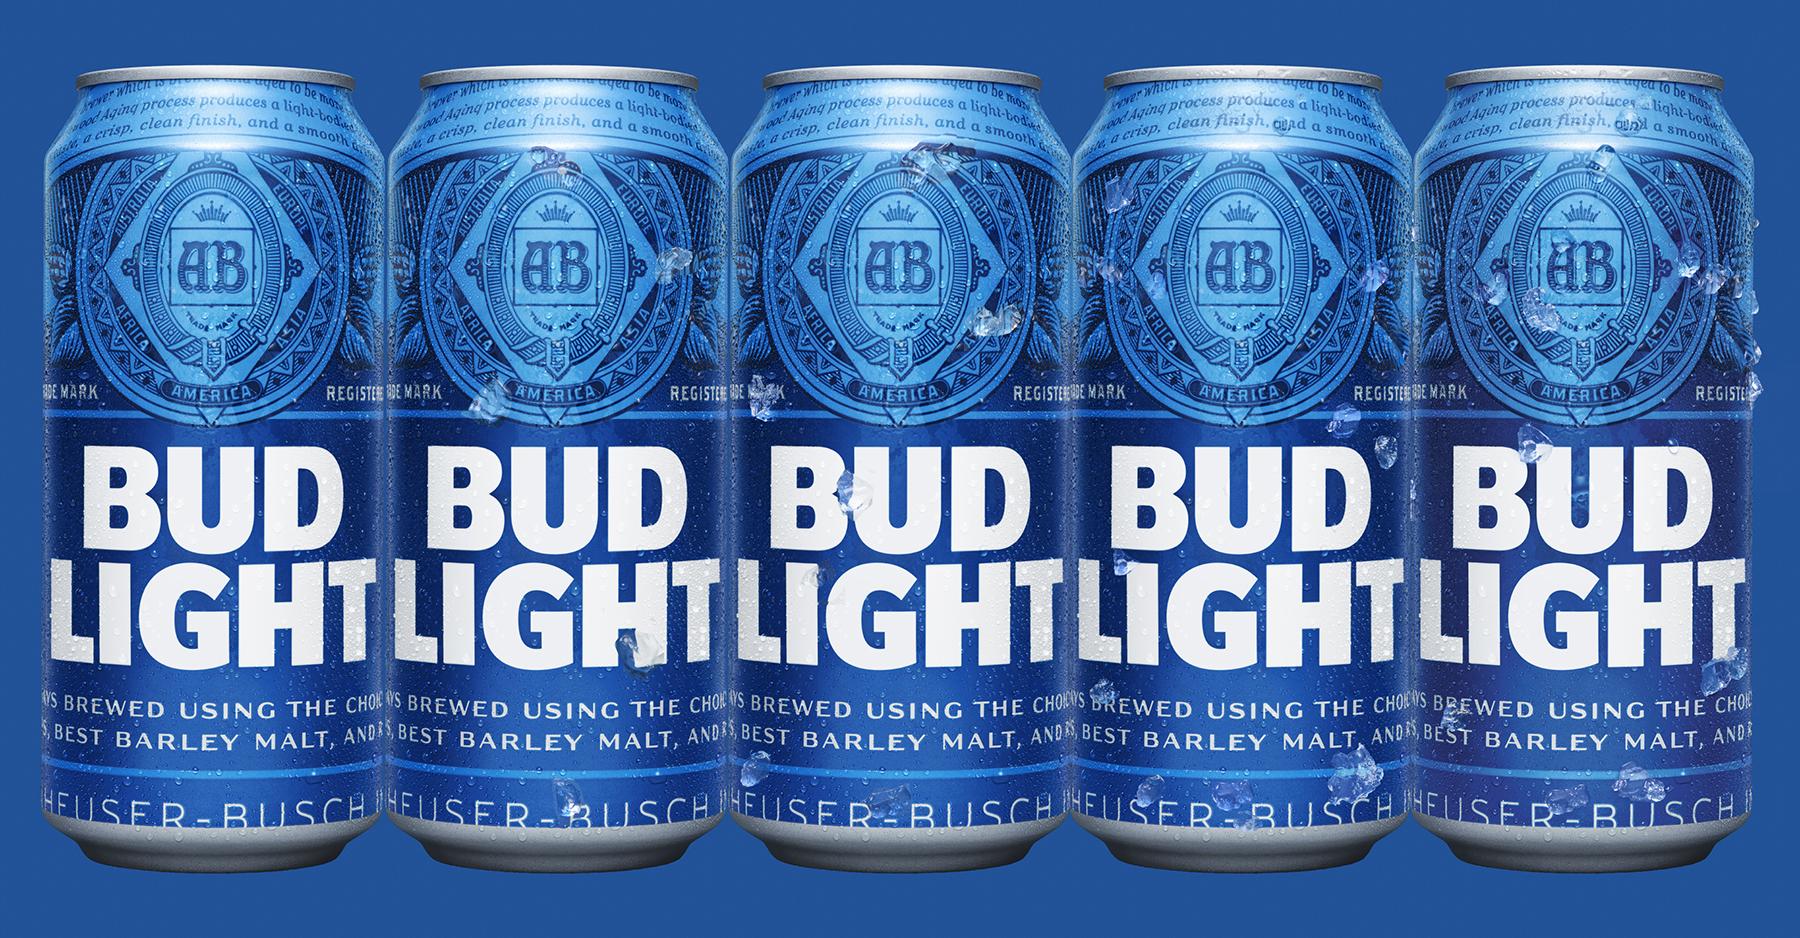 6938_Bud_Light_440Can_Multiple_4k